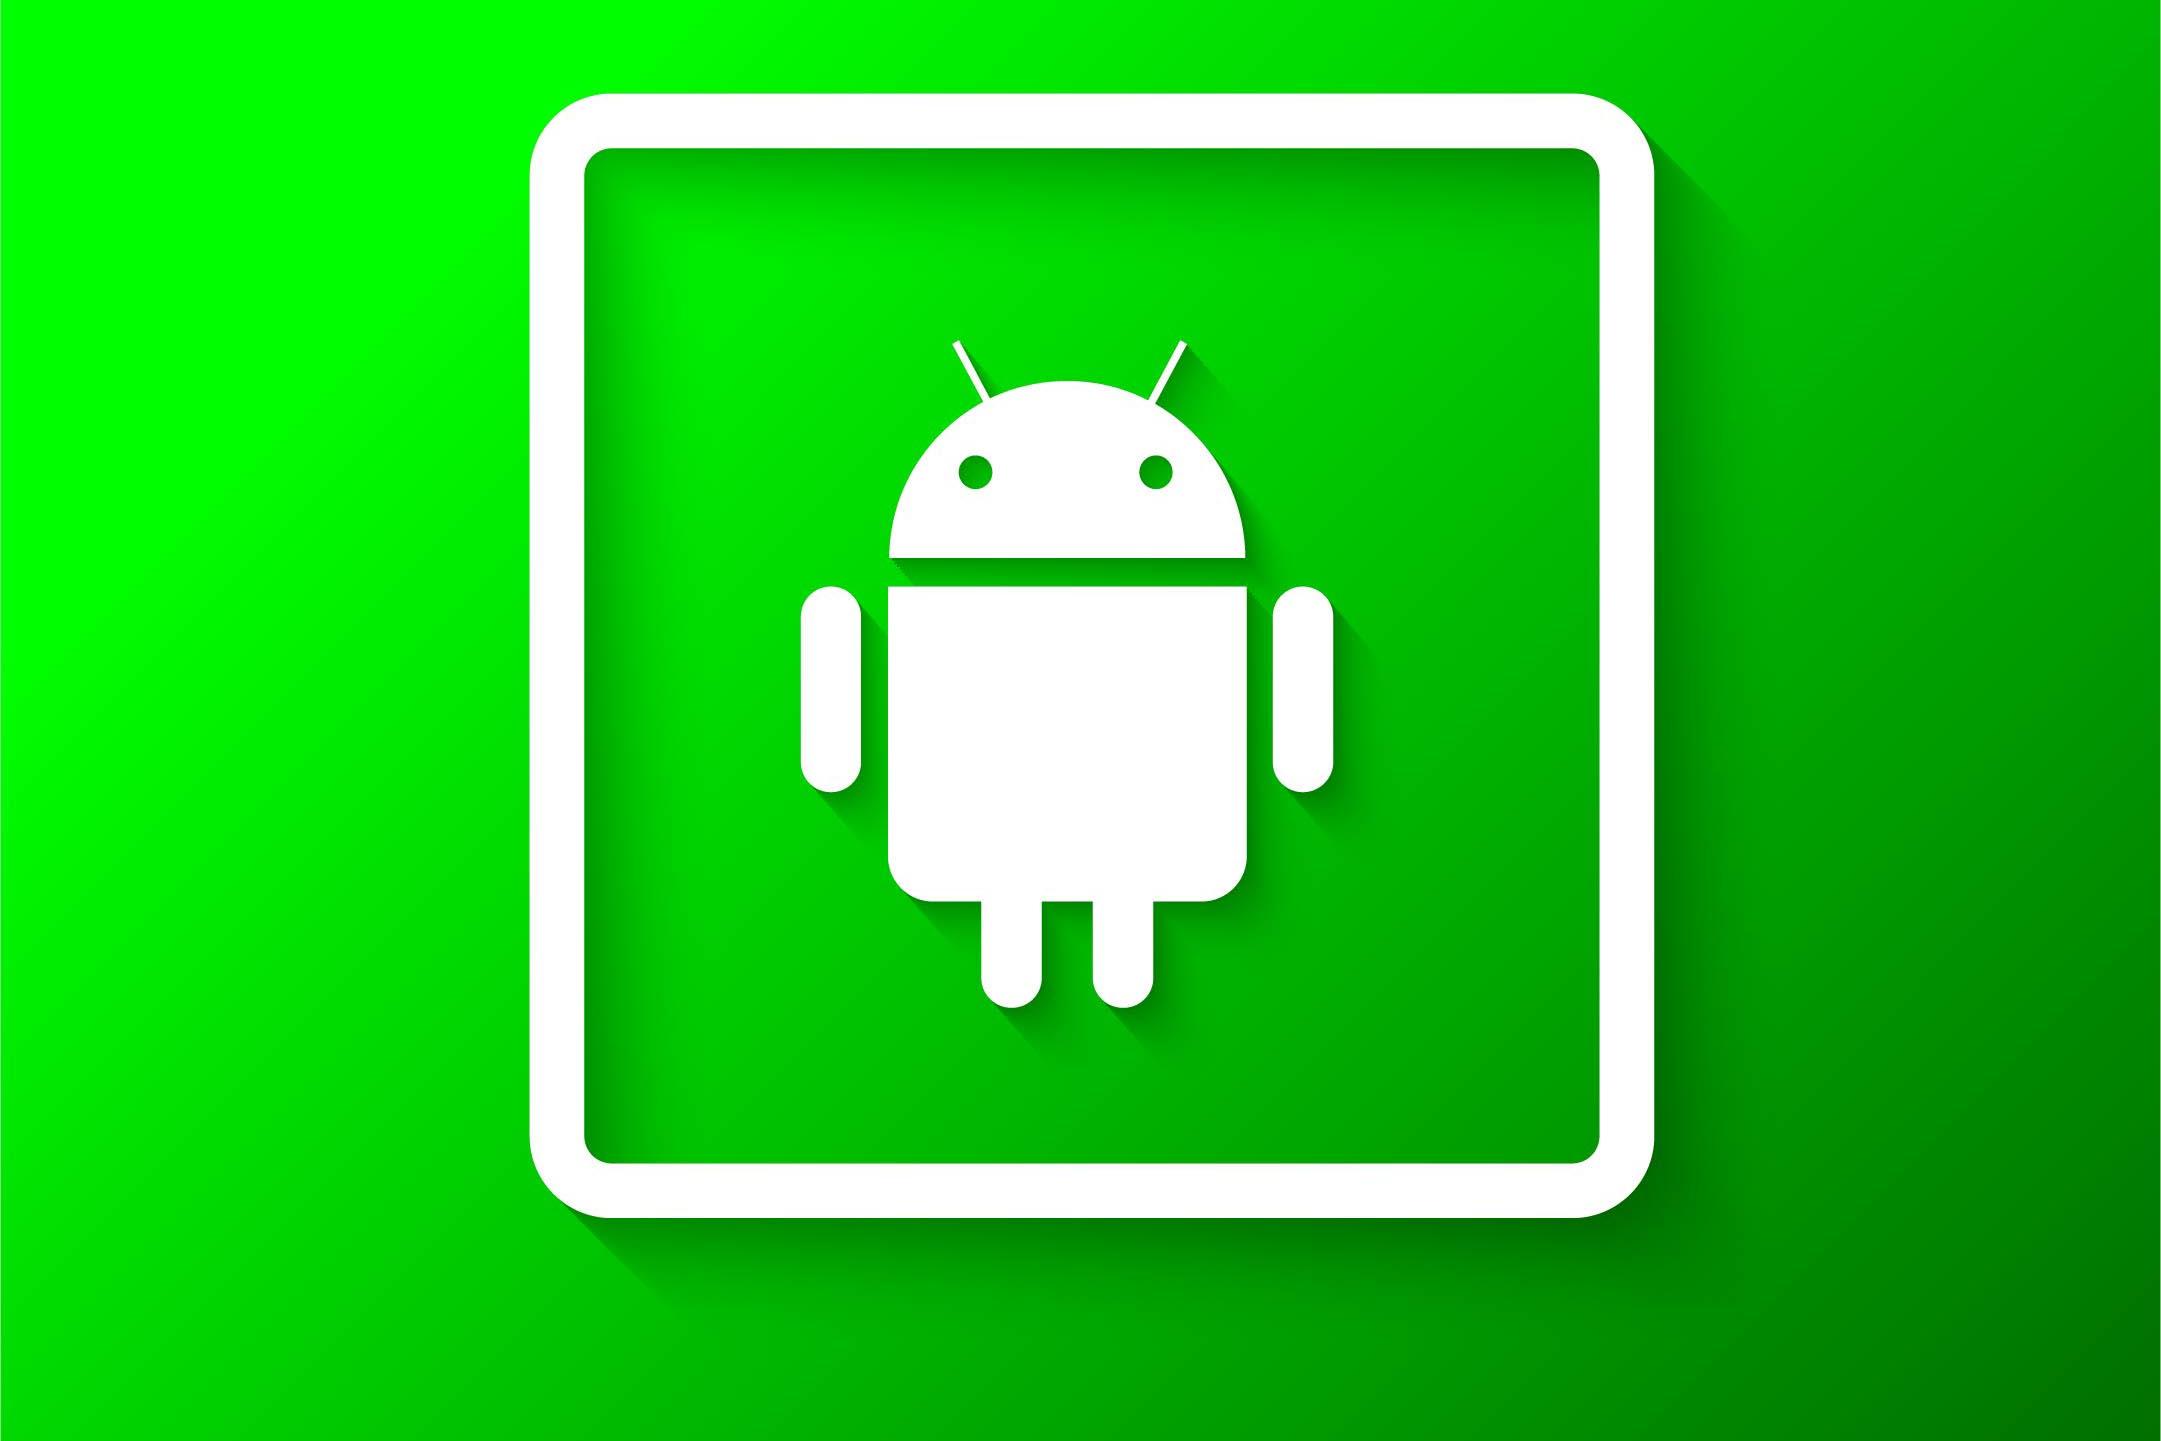 Descubra como atualizar a versão do seu Android